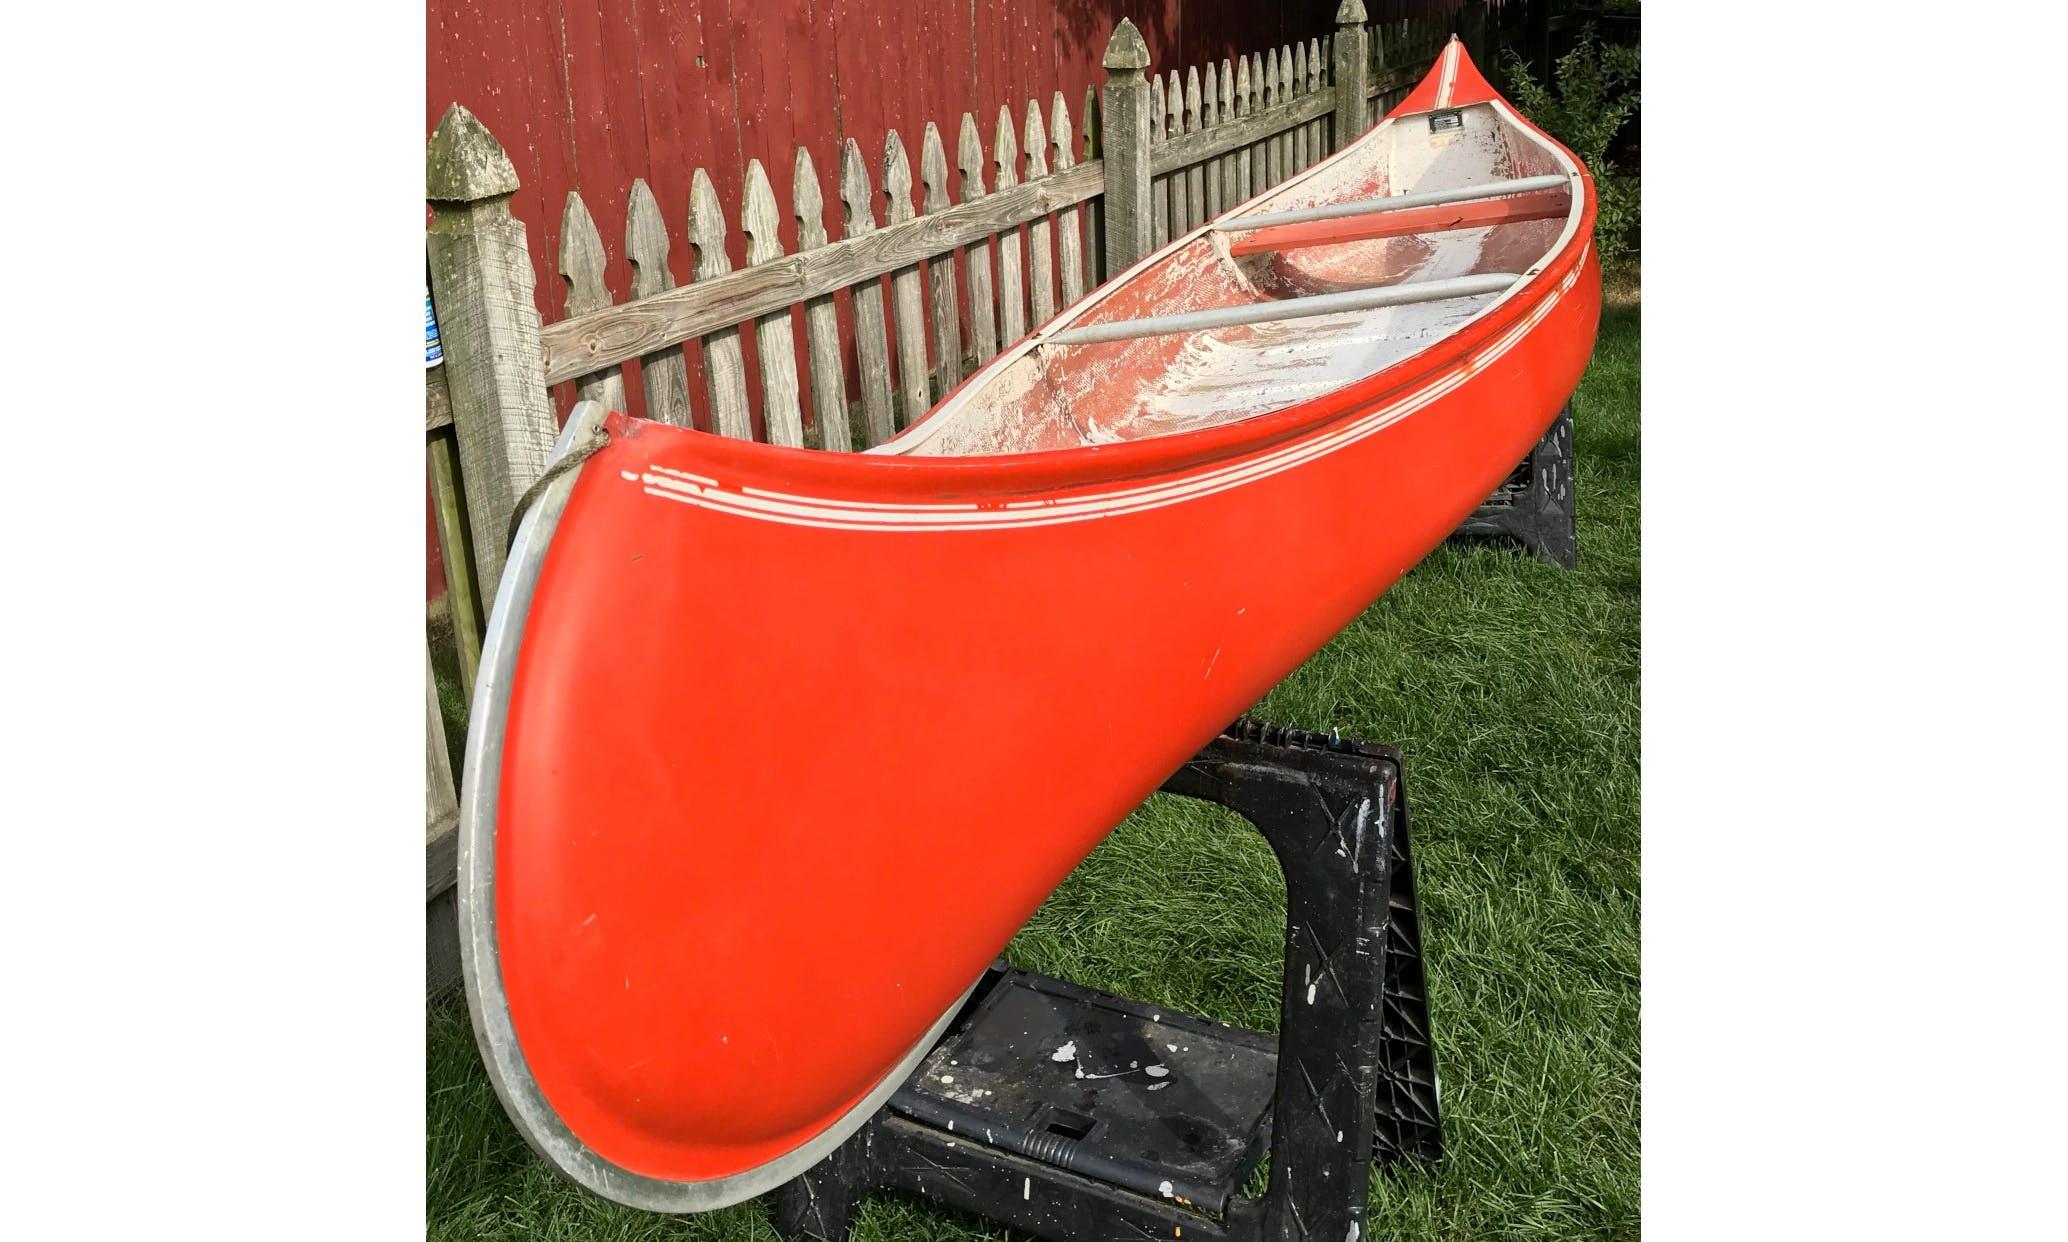 Canoe in Lebanon